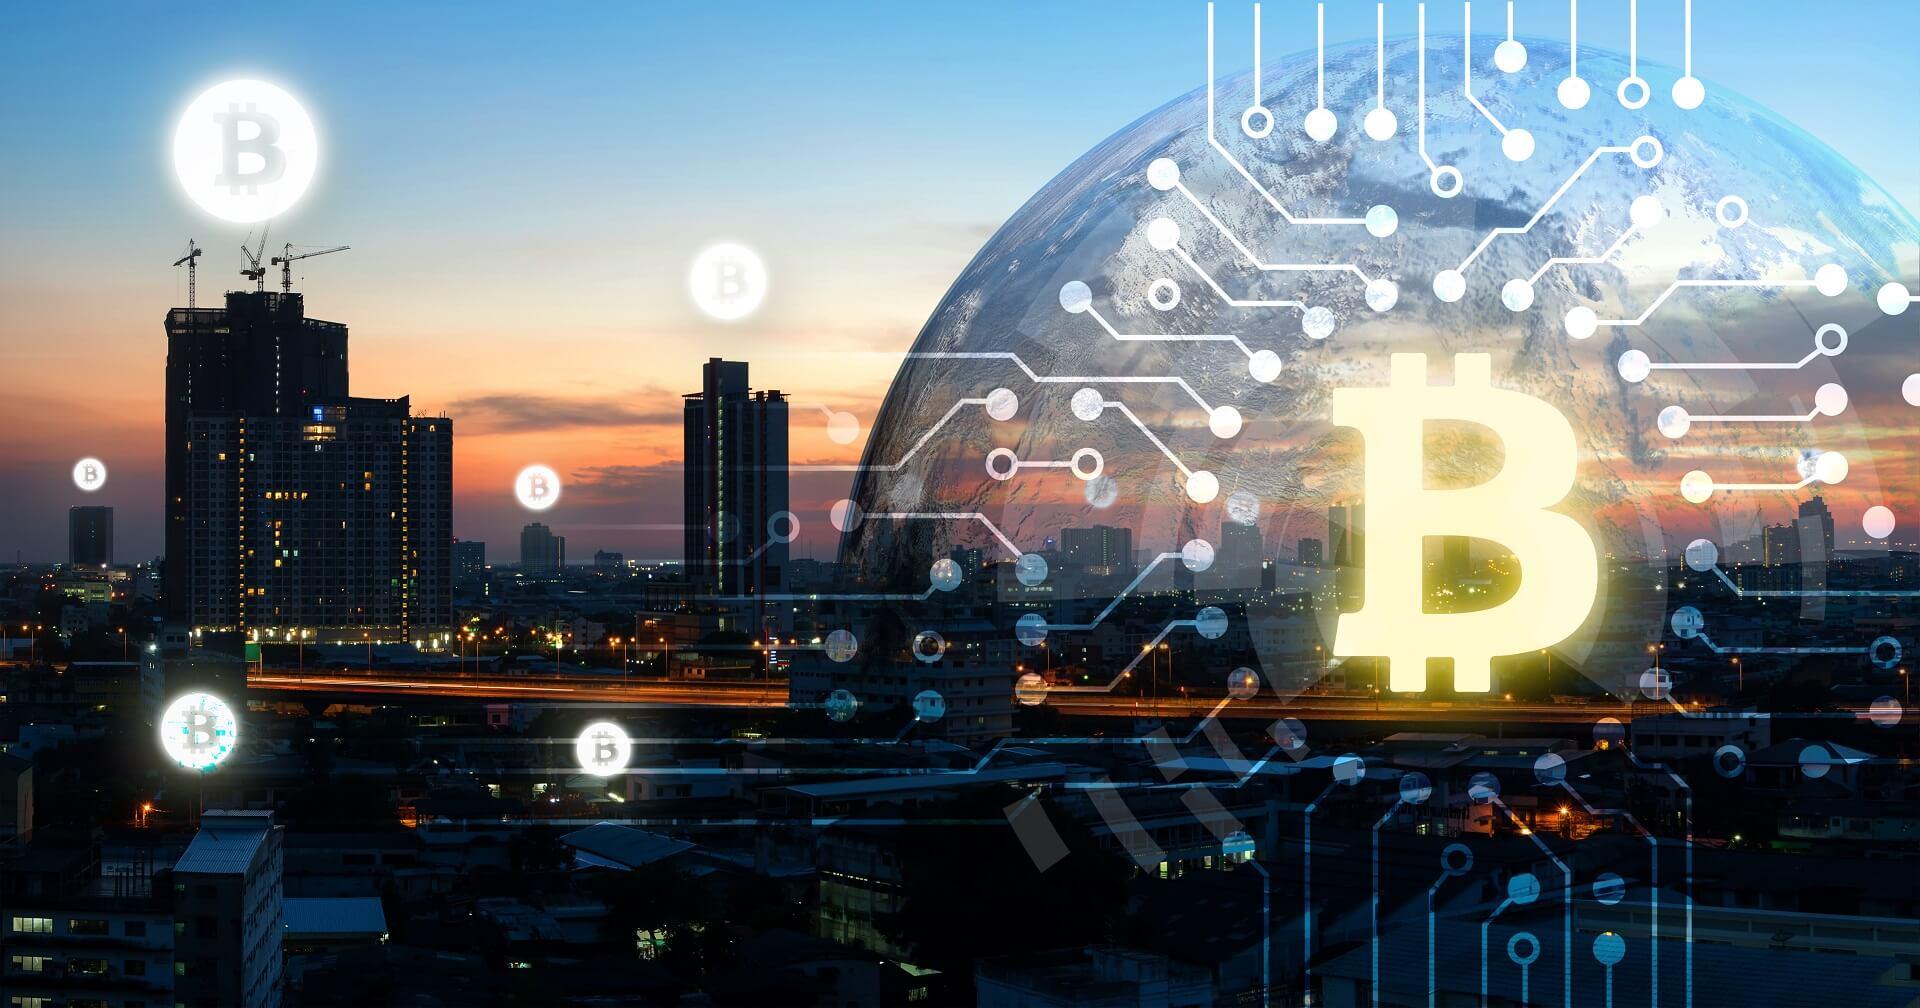 Блокчейн и биткоин – это пример перехода контроля в руки частных лиц